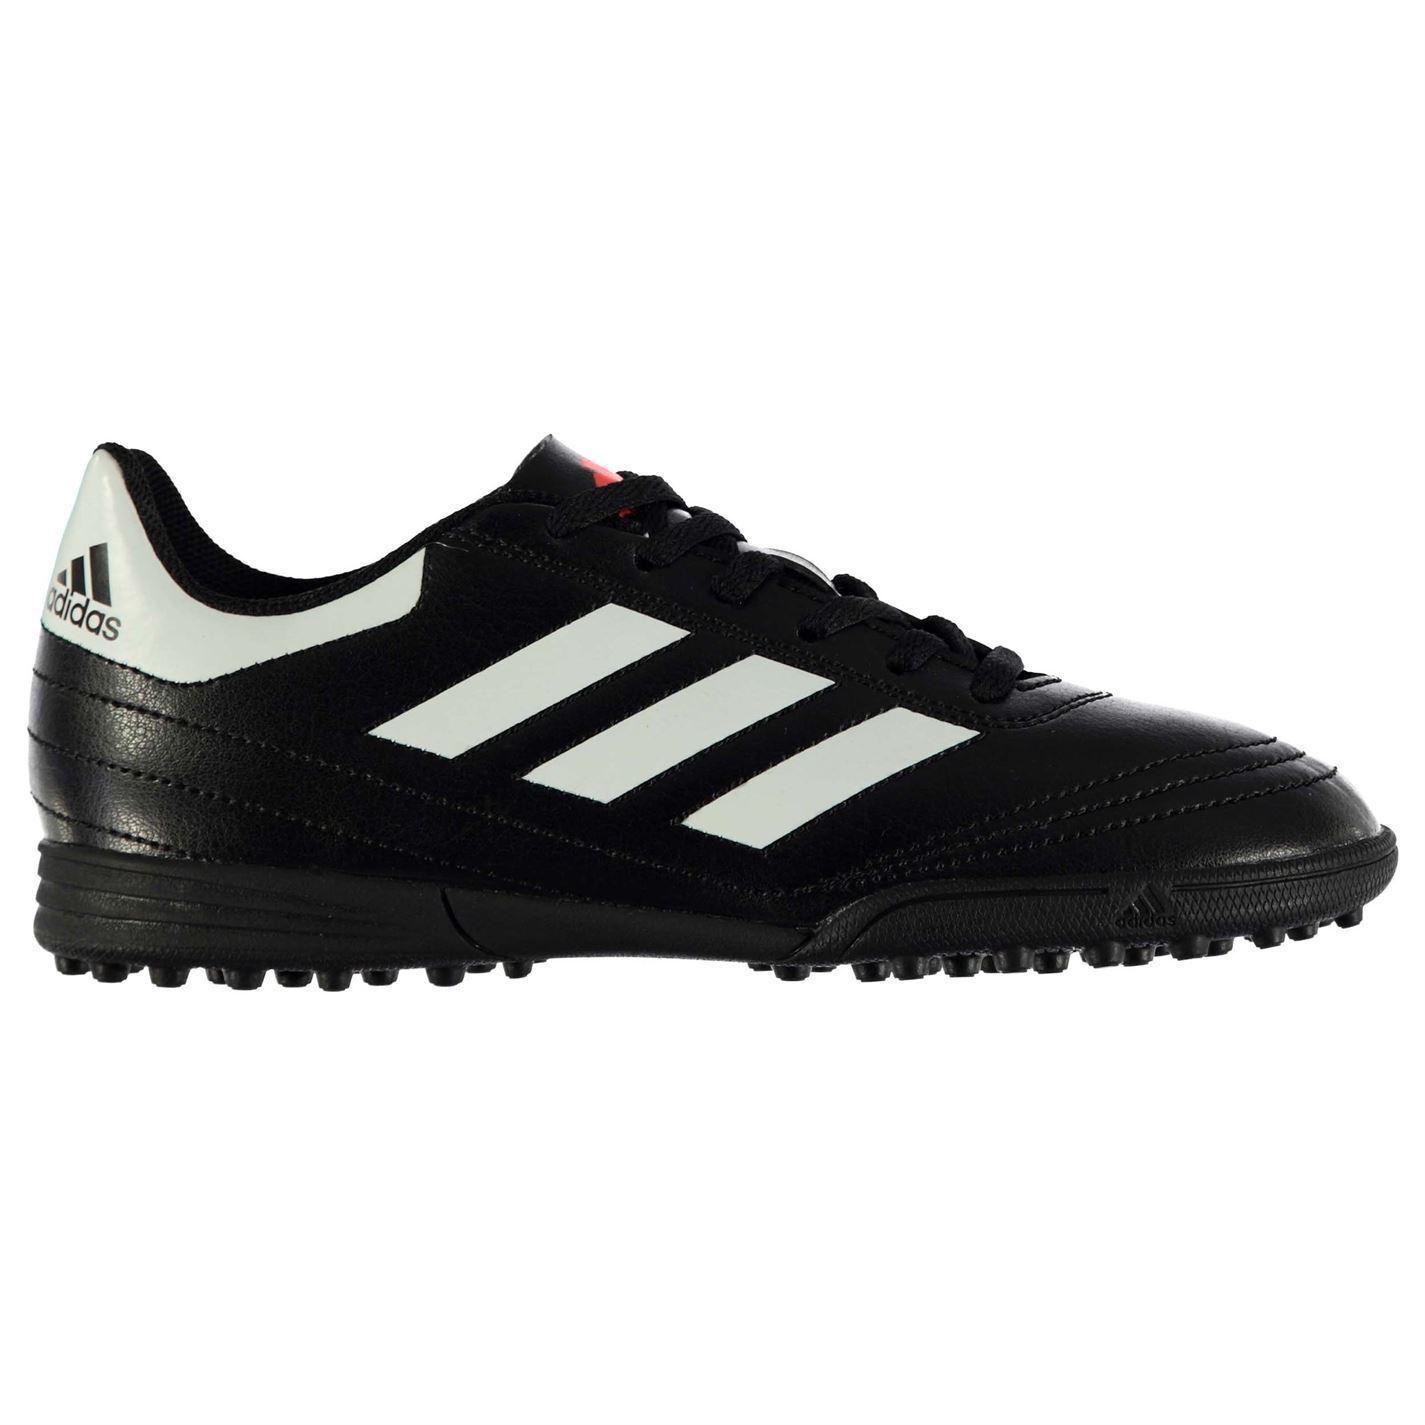 Adidas Goletto Astro Césped Artificial Zapatillas Juniors Negro blancooo Zapatos deportivos de fútbol